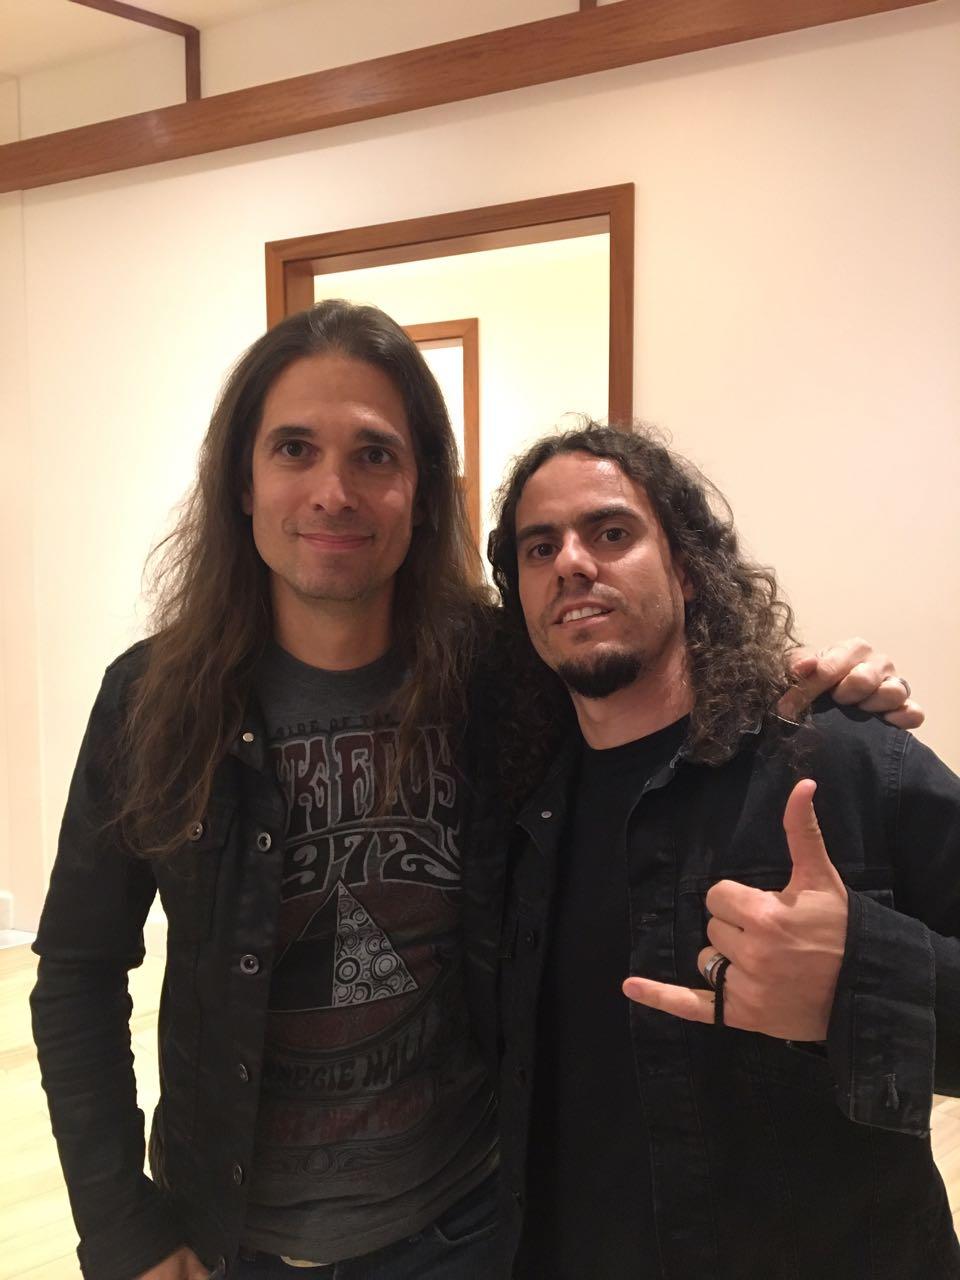 With Kiko Loureiro (Megadeth)